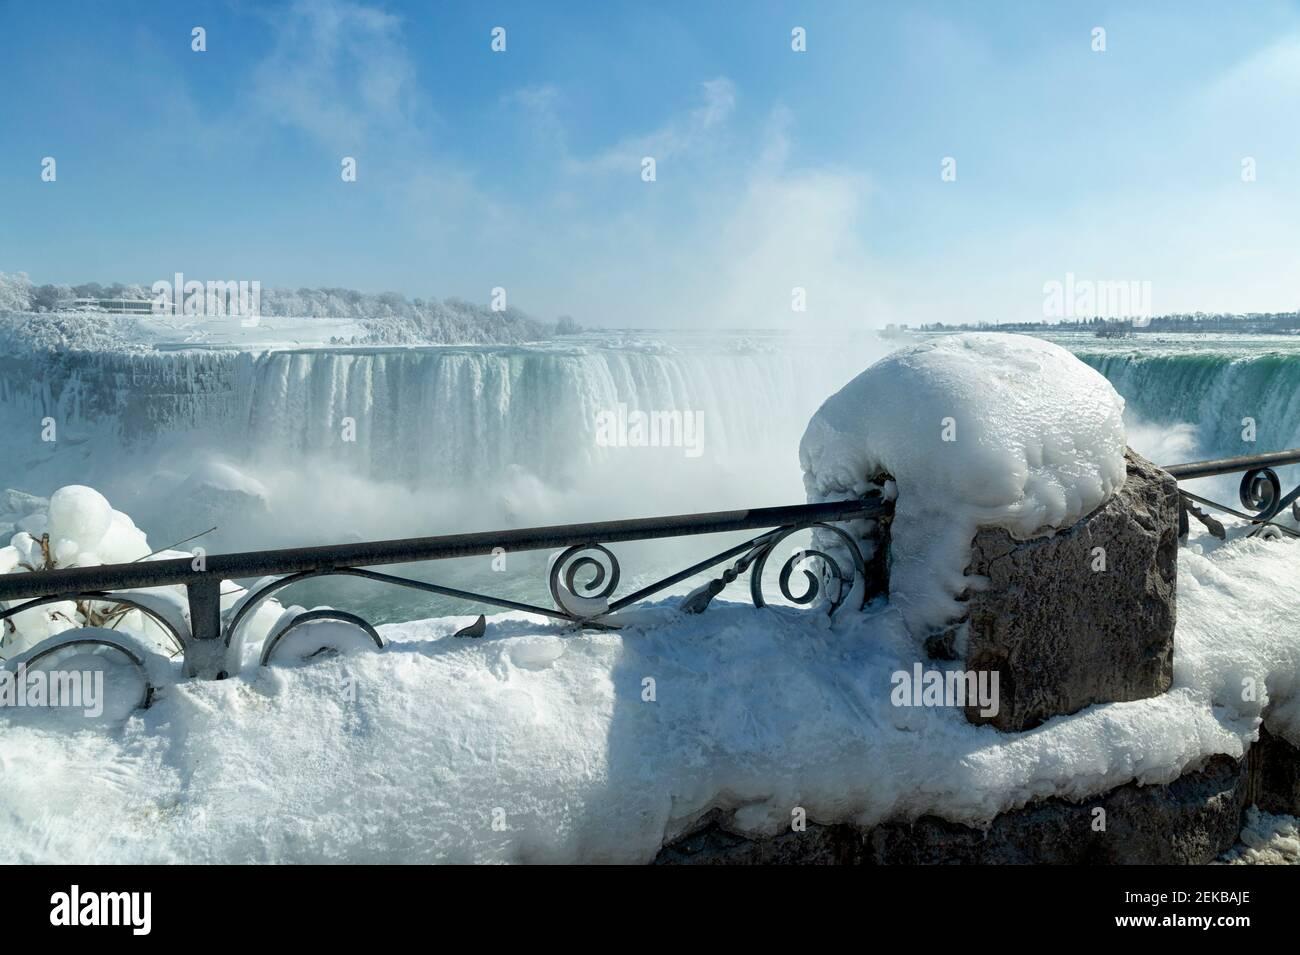 Cataratas del Niágara, Ontario, Canadá. Niagara Falls en invierno vista de la cascada de la herradura canadiense. Foto de stock